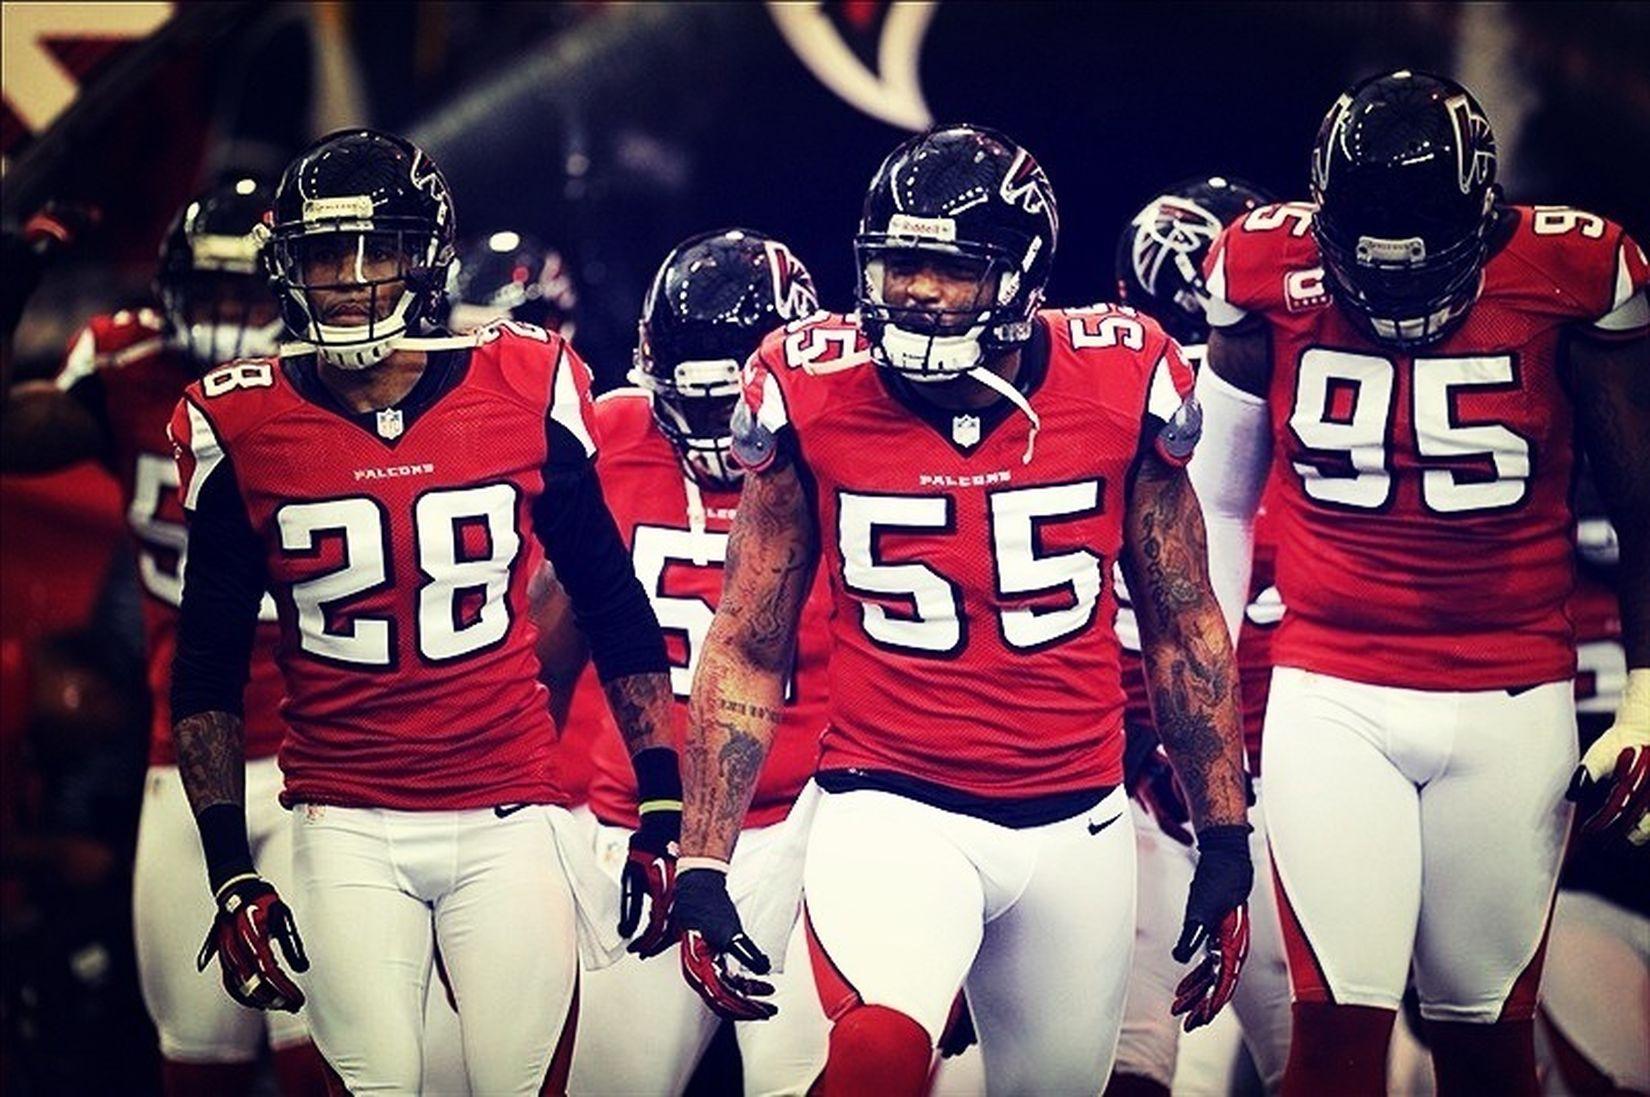 Still Proud Of My Team Regardless. #DirtyBirdNation